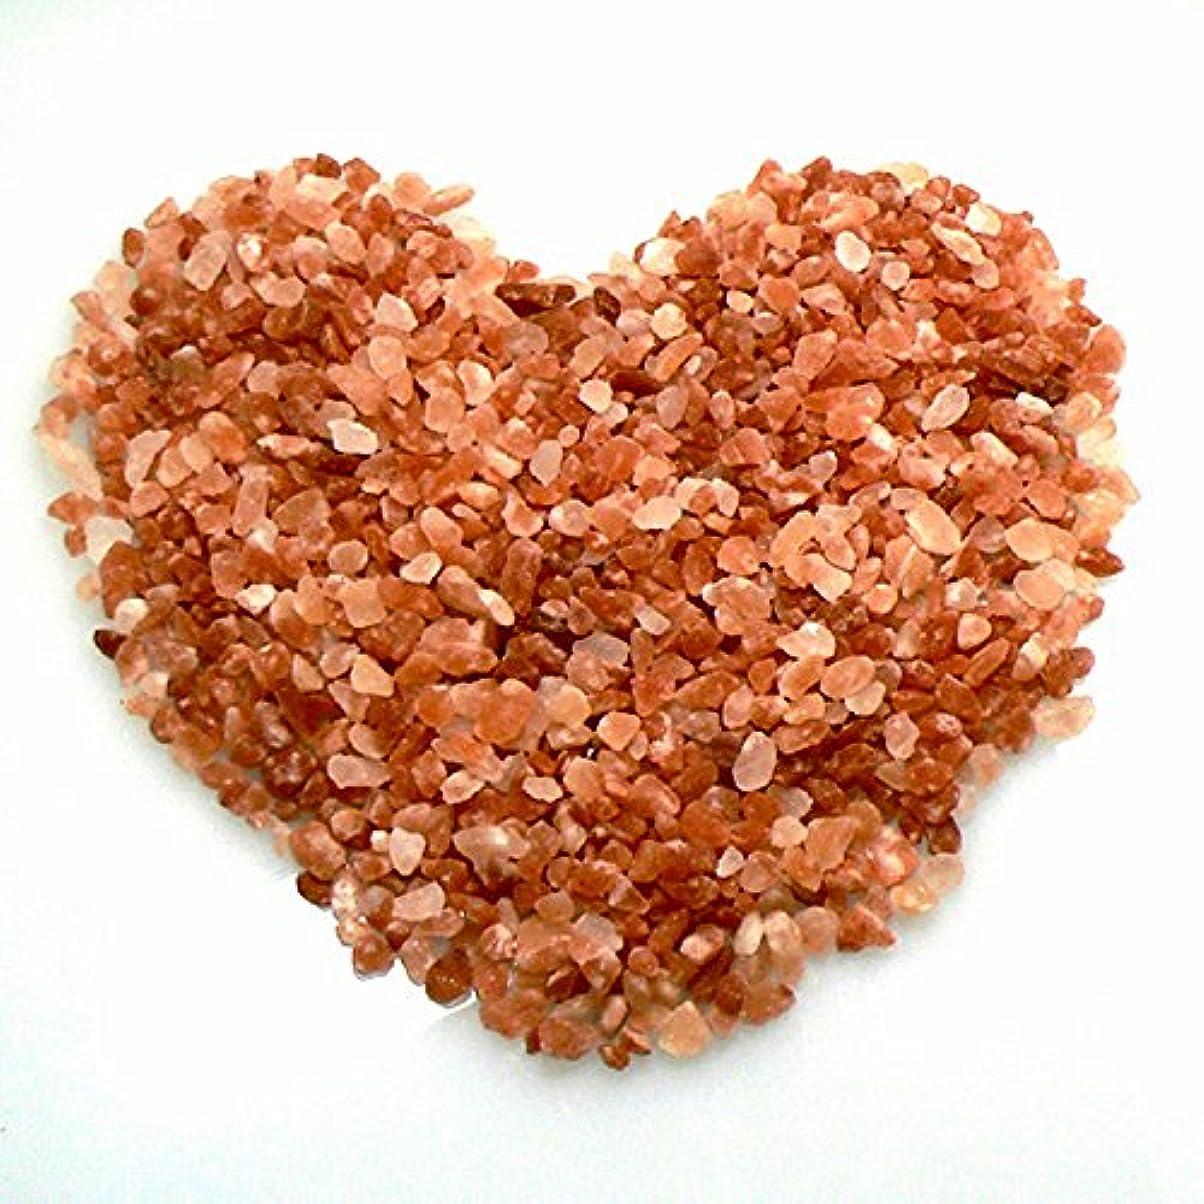 バックアップマイルド足音増量中!ヒマラヤ岩塩 ピンクソルト 入浴用 バスソルト(小粒) ピンク岩塩 (5kg+1kg増量)